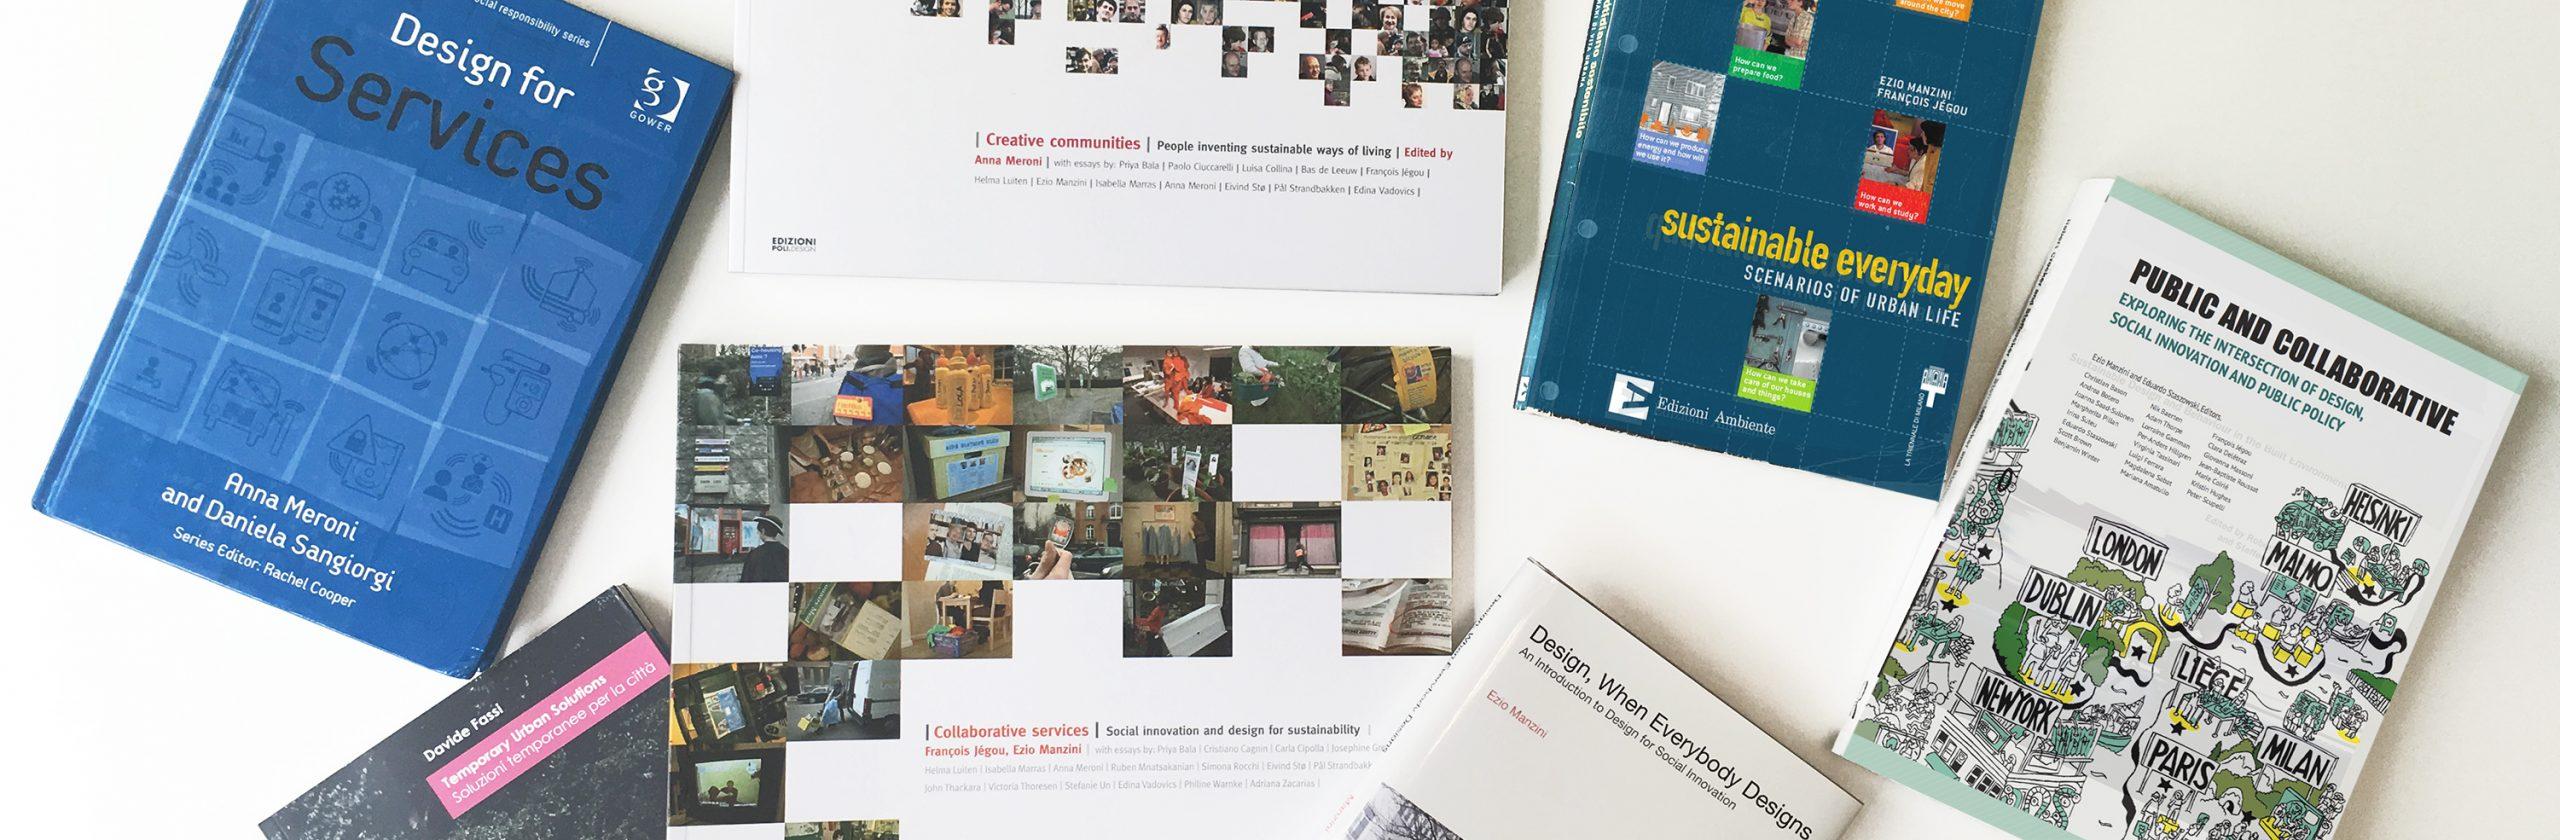 Publications Polimi Desis Lab